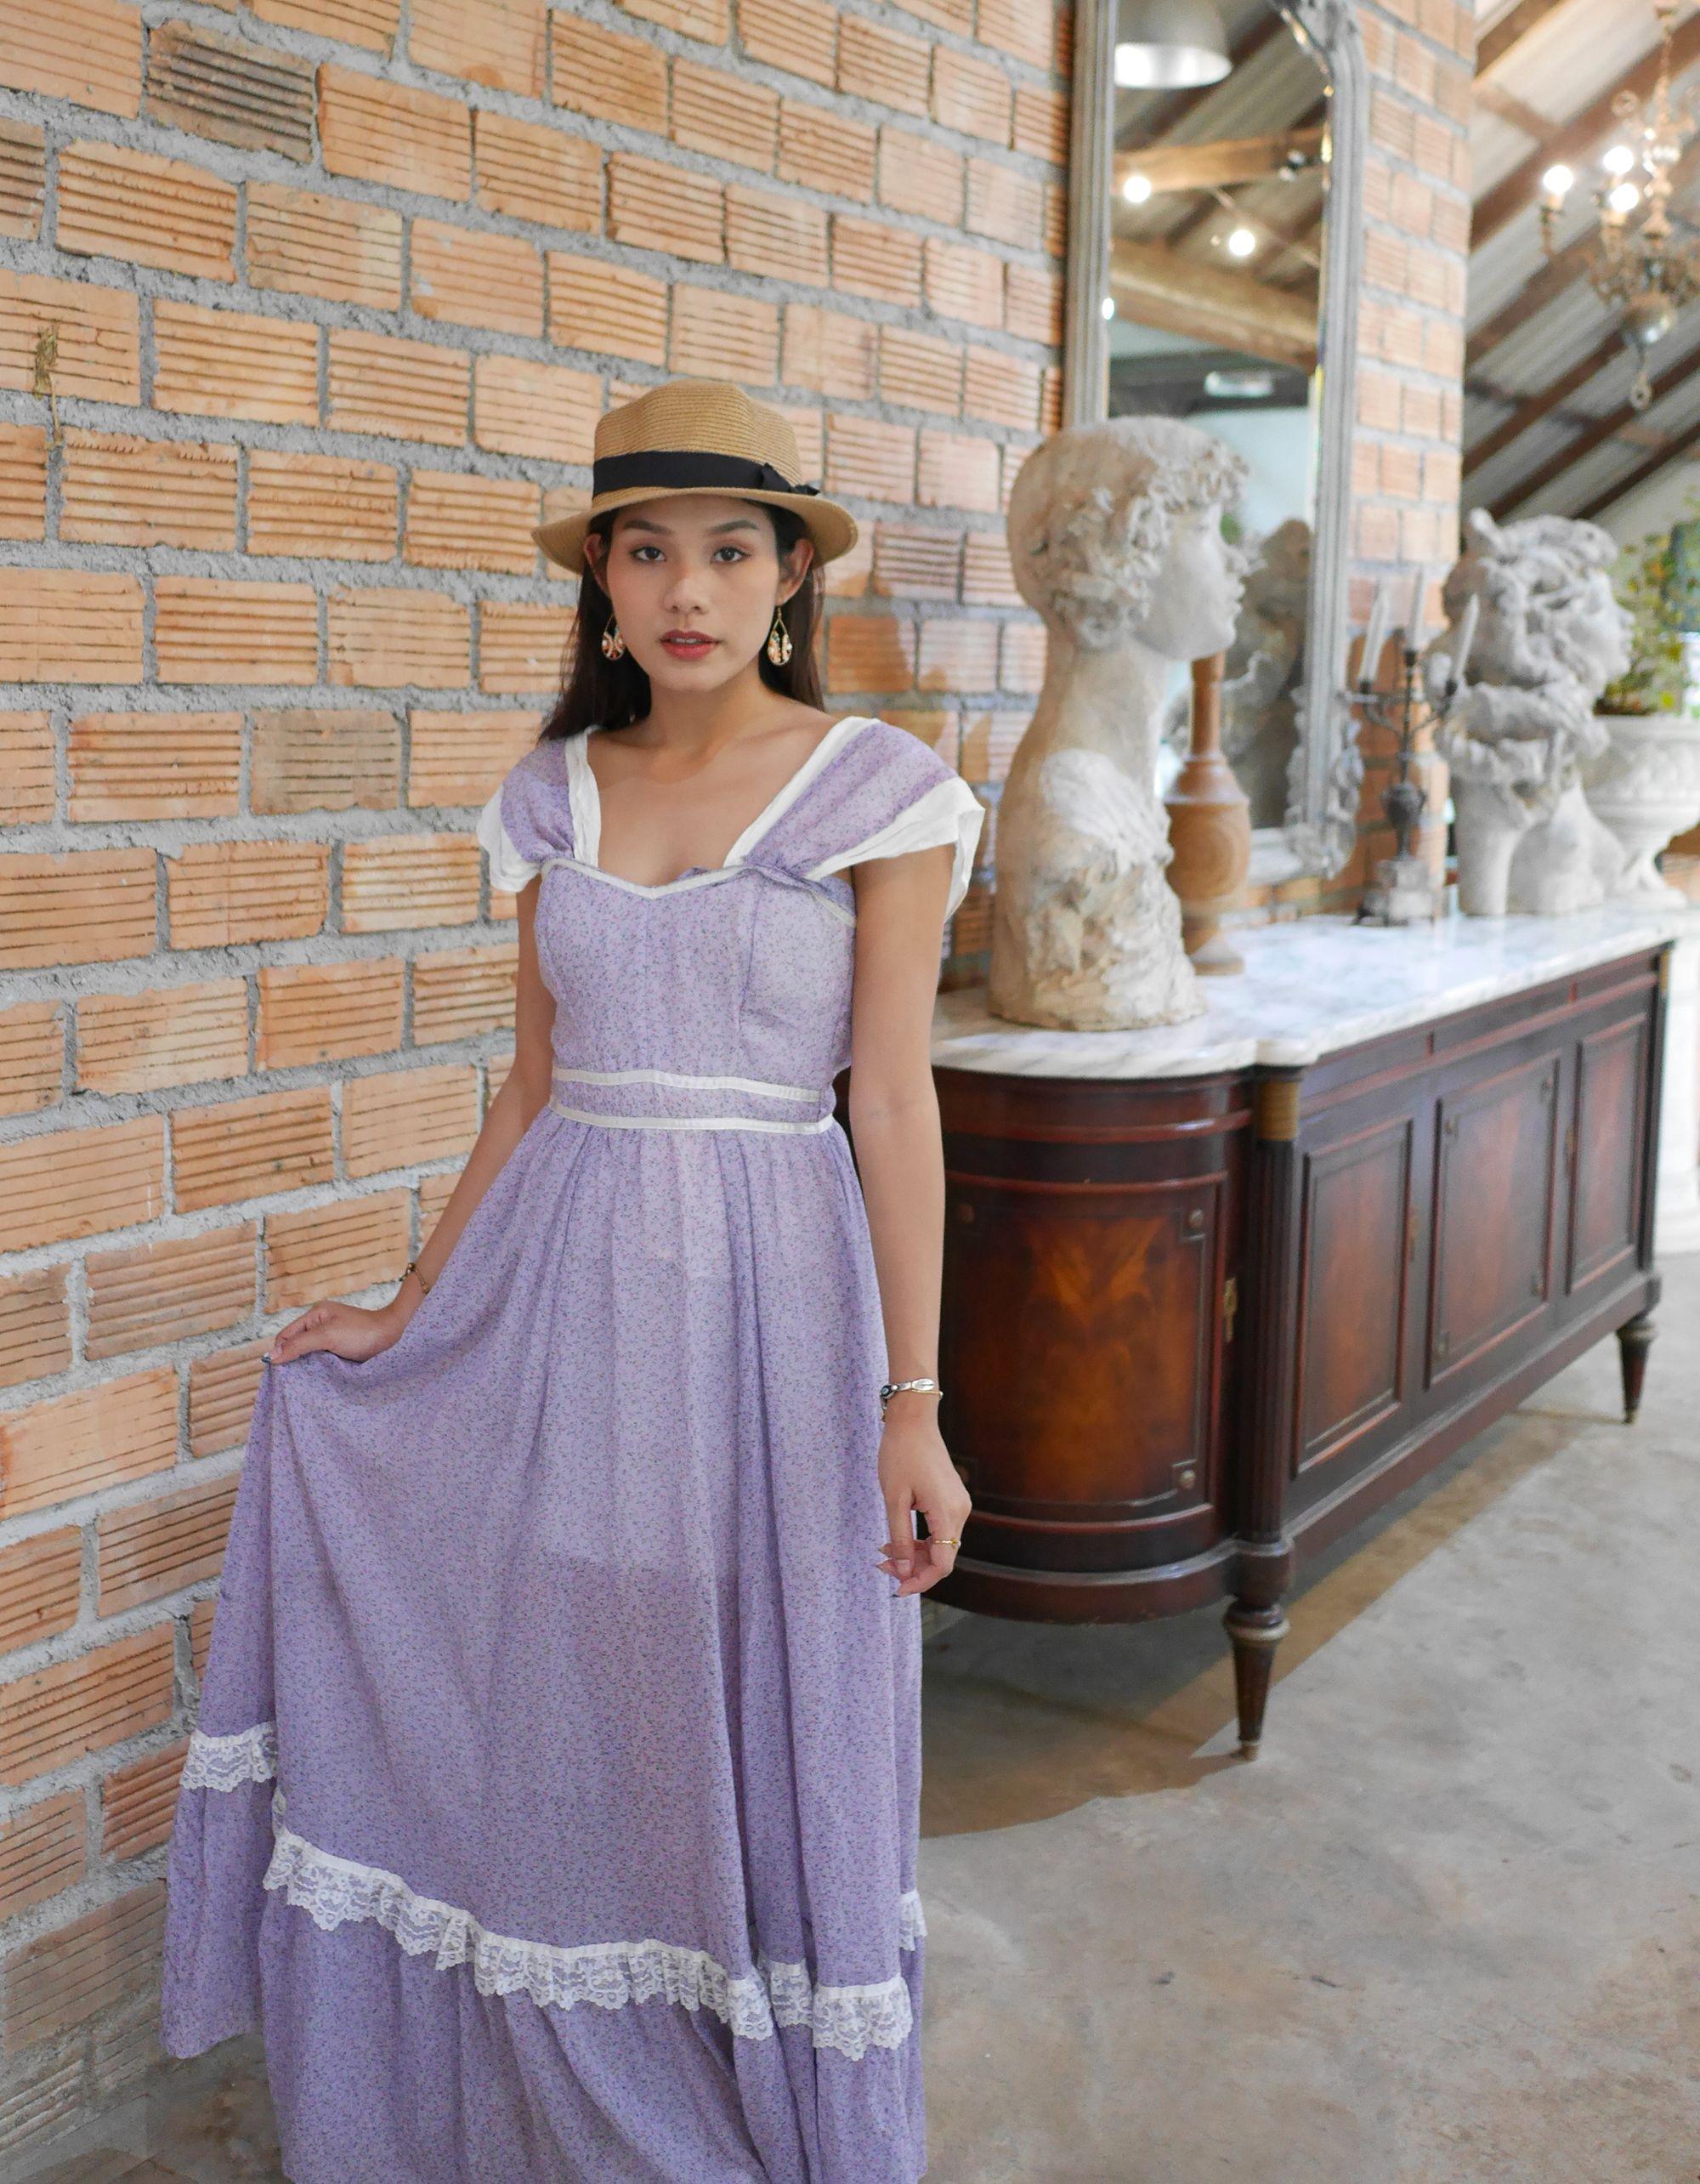 Vintage 1970s Purple Chiffon Maxi Dress Vintage Long Prom Dress 1970s With Lace Trim Vintage Maxi Dress Vintage Dresses Vintage Outfits [ 2569 x 2000 Pixel ]